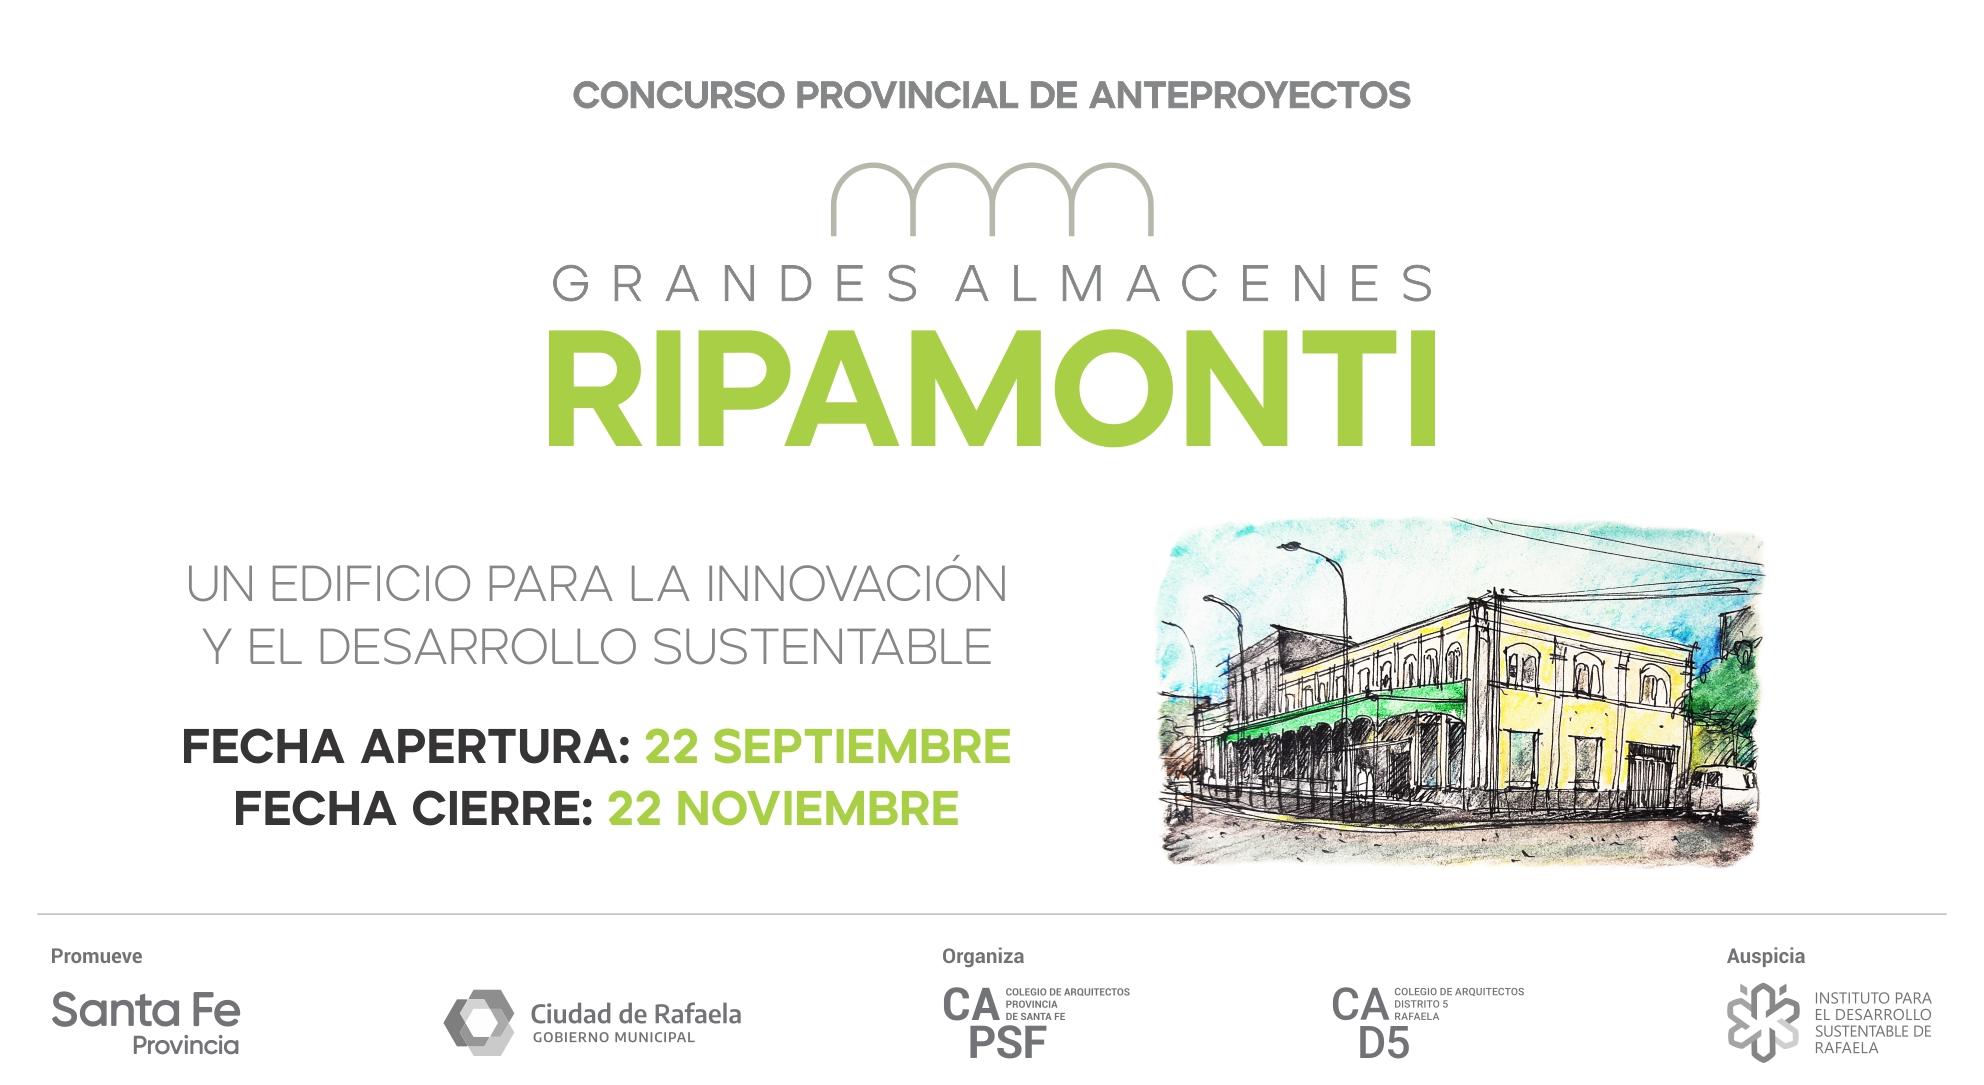 """Concurso Provincial de Anteproyectos REHABILITACIÓN y PUESTA EN VALOR de los Ex """"GRANDES ALMACENES RIPAMONTI"""""""